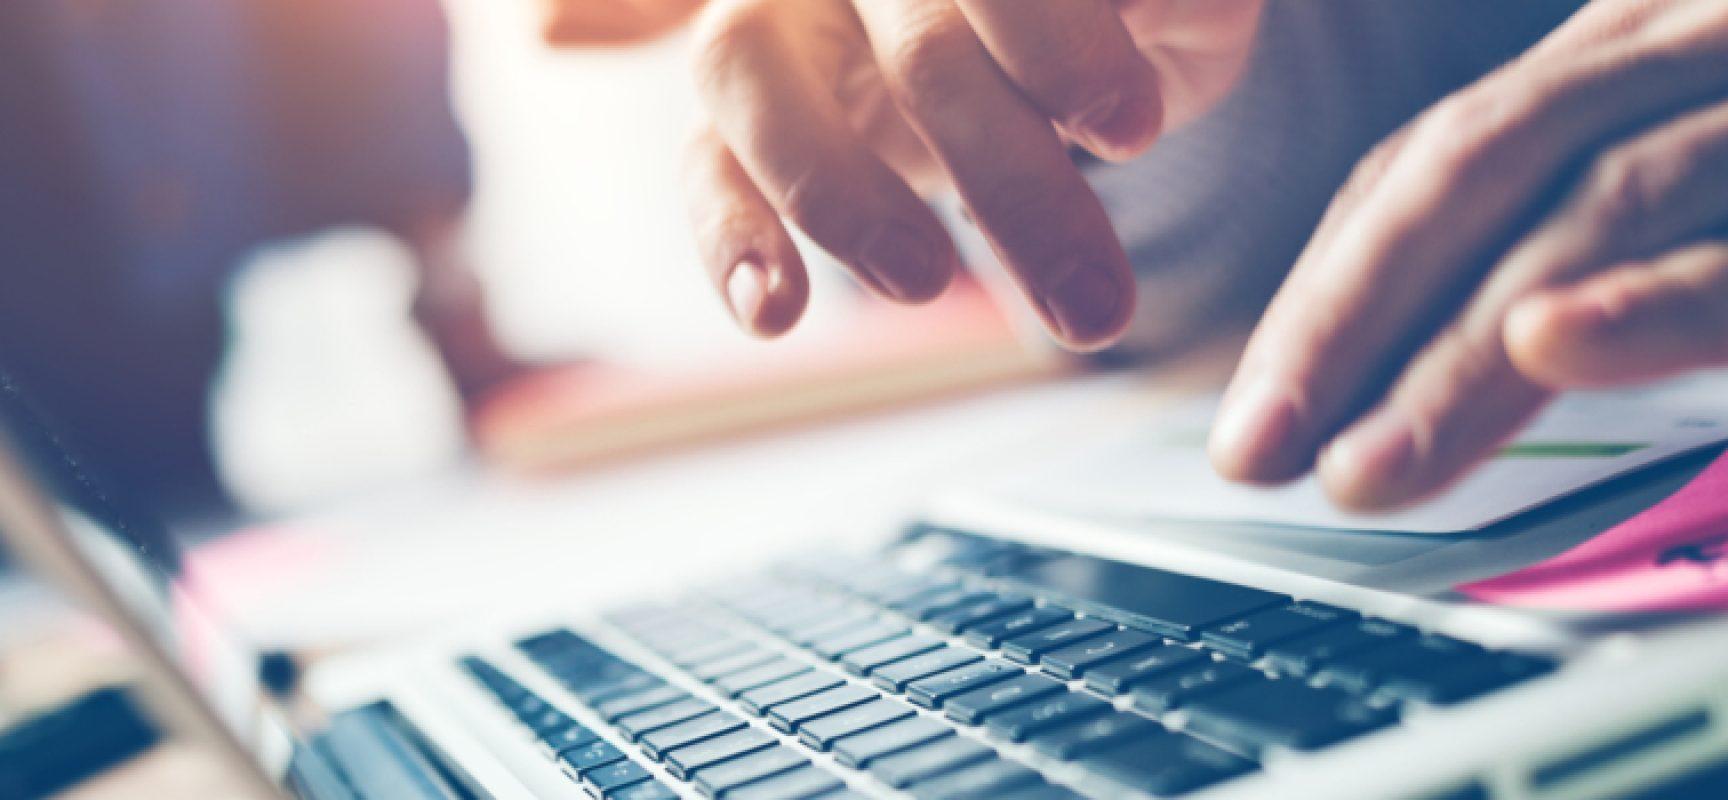 """Solidarietà digitale,""""Laptop Felice"""" per donare pc e tablet a bambini bisognosi / PUNTI DI RACCOLTA"""